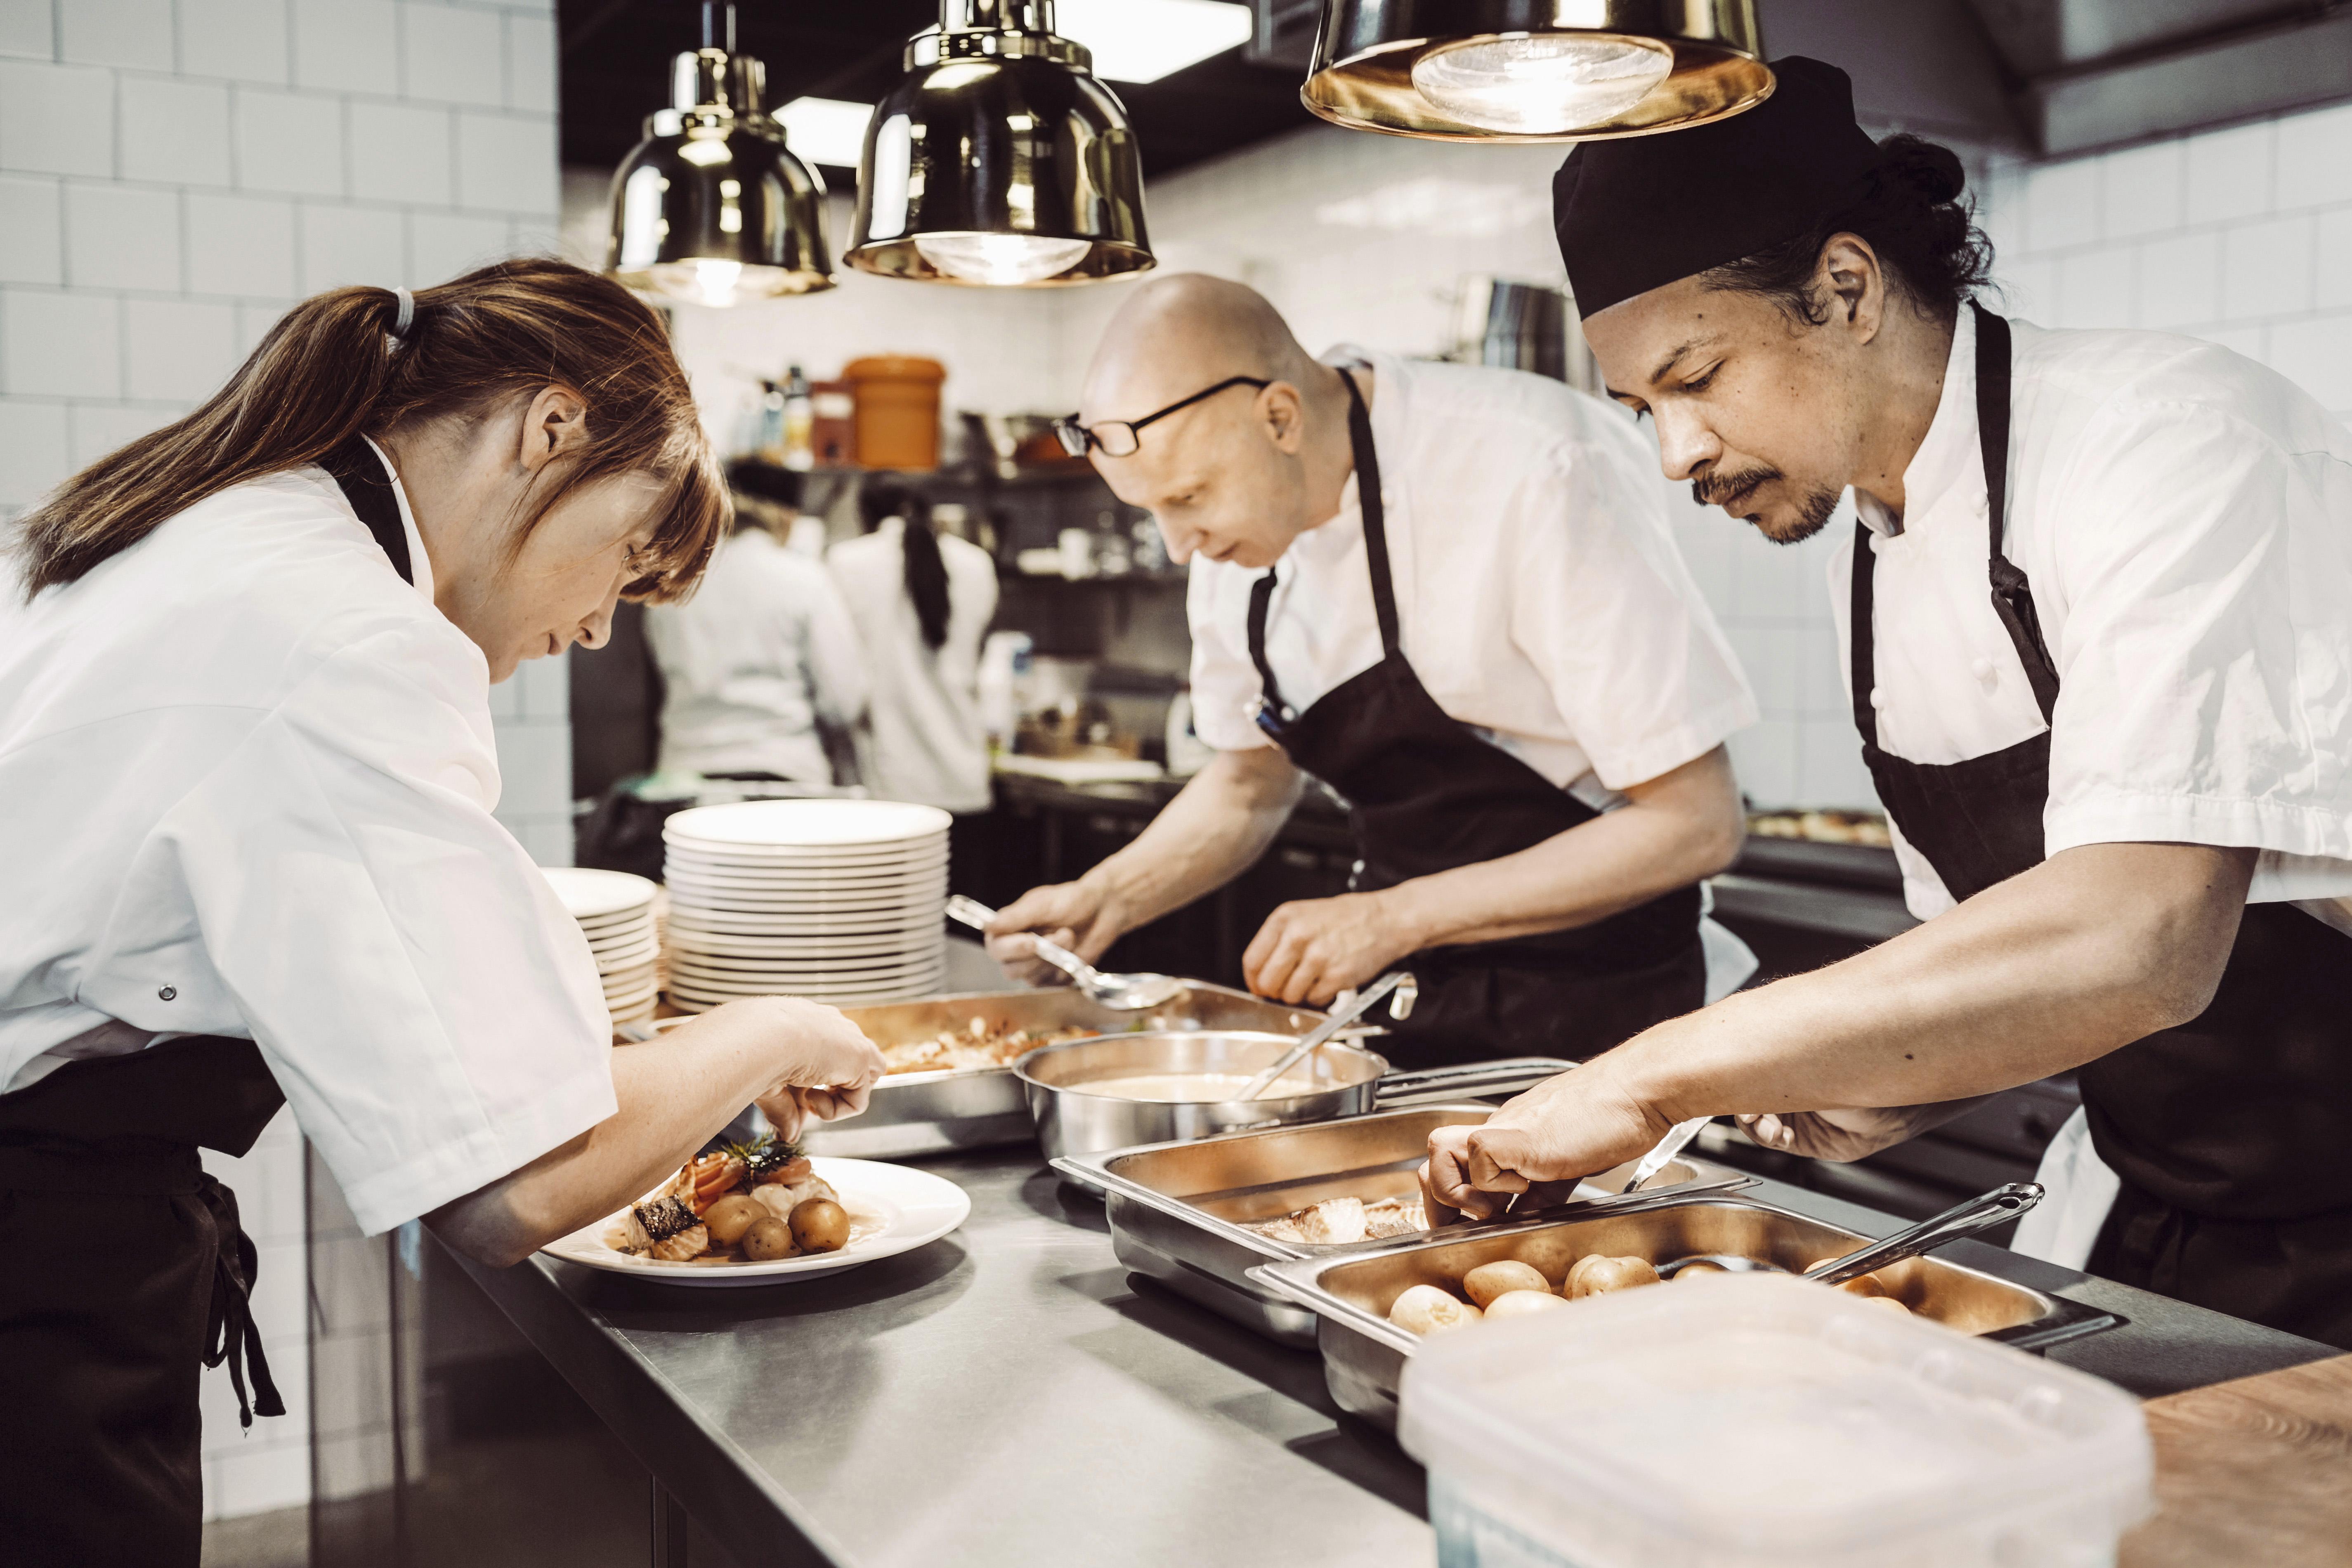 Advantages Disadvantages Of A Sous Chef Career